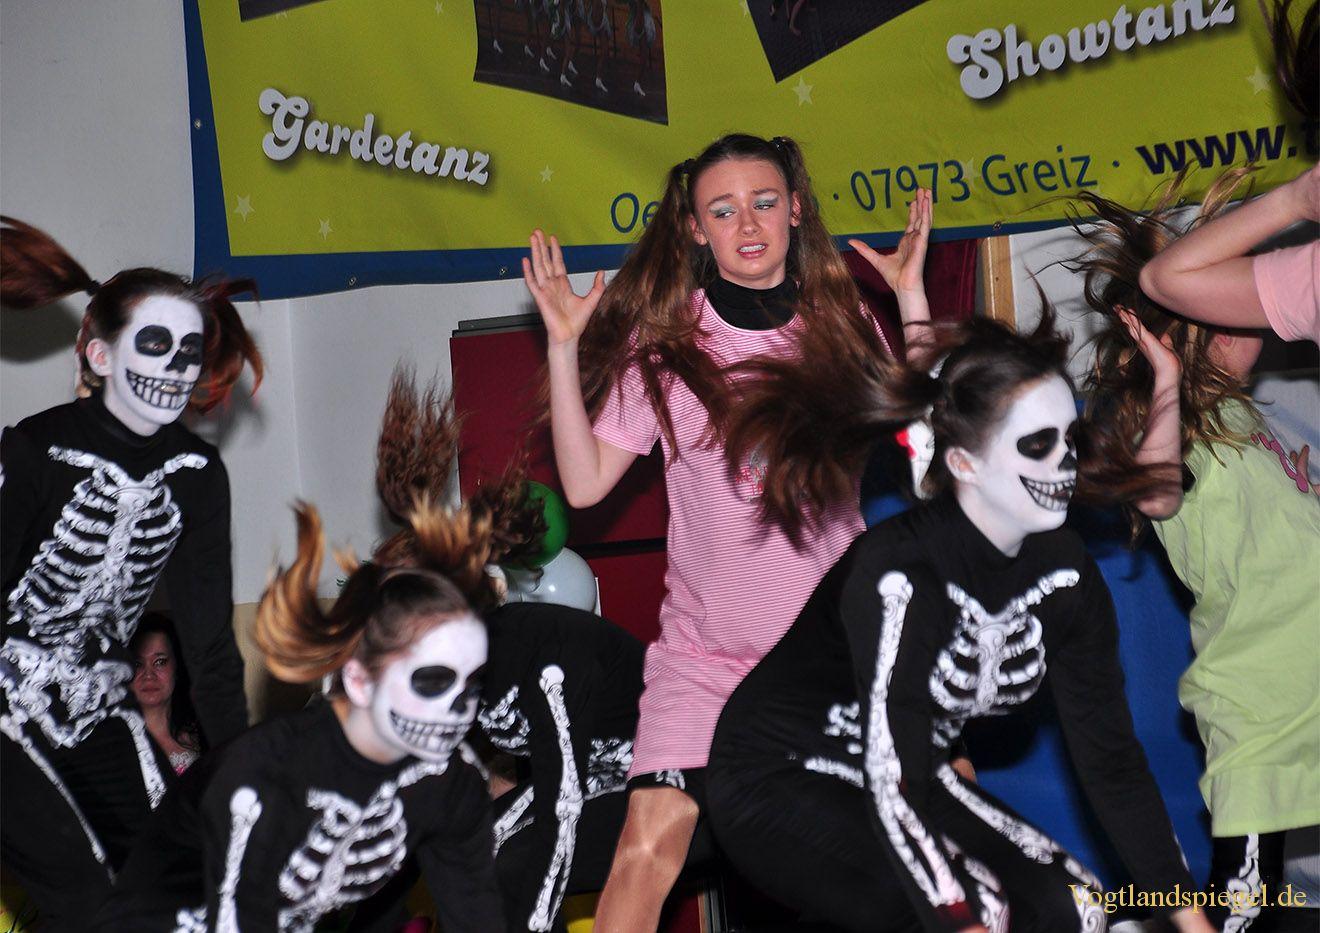 Große Tanzsport-Gala in Greizer Jahnturnhalle